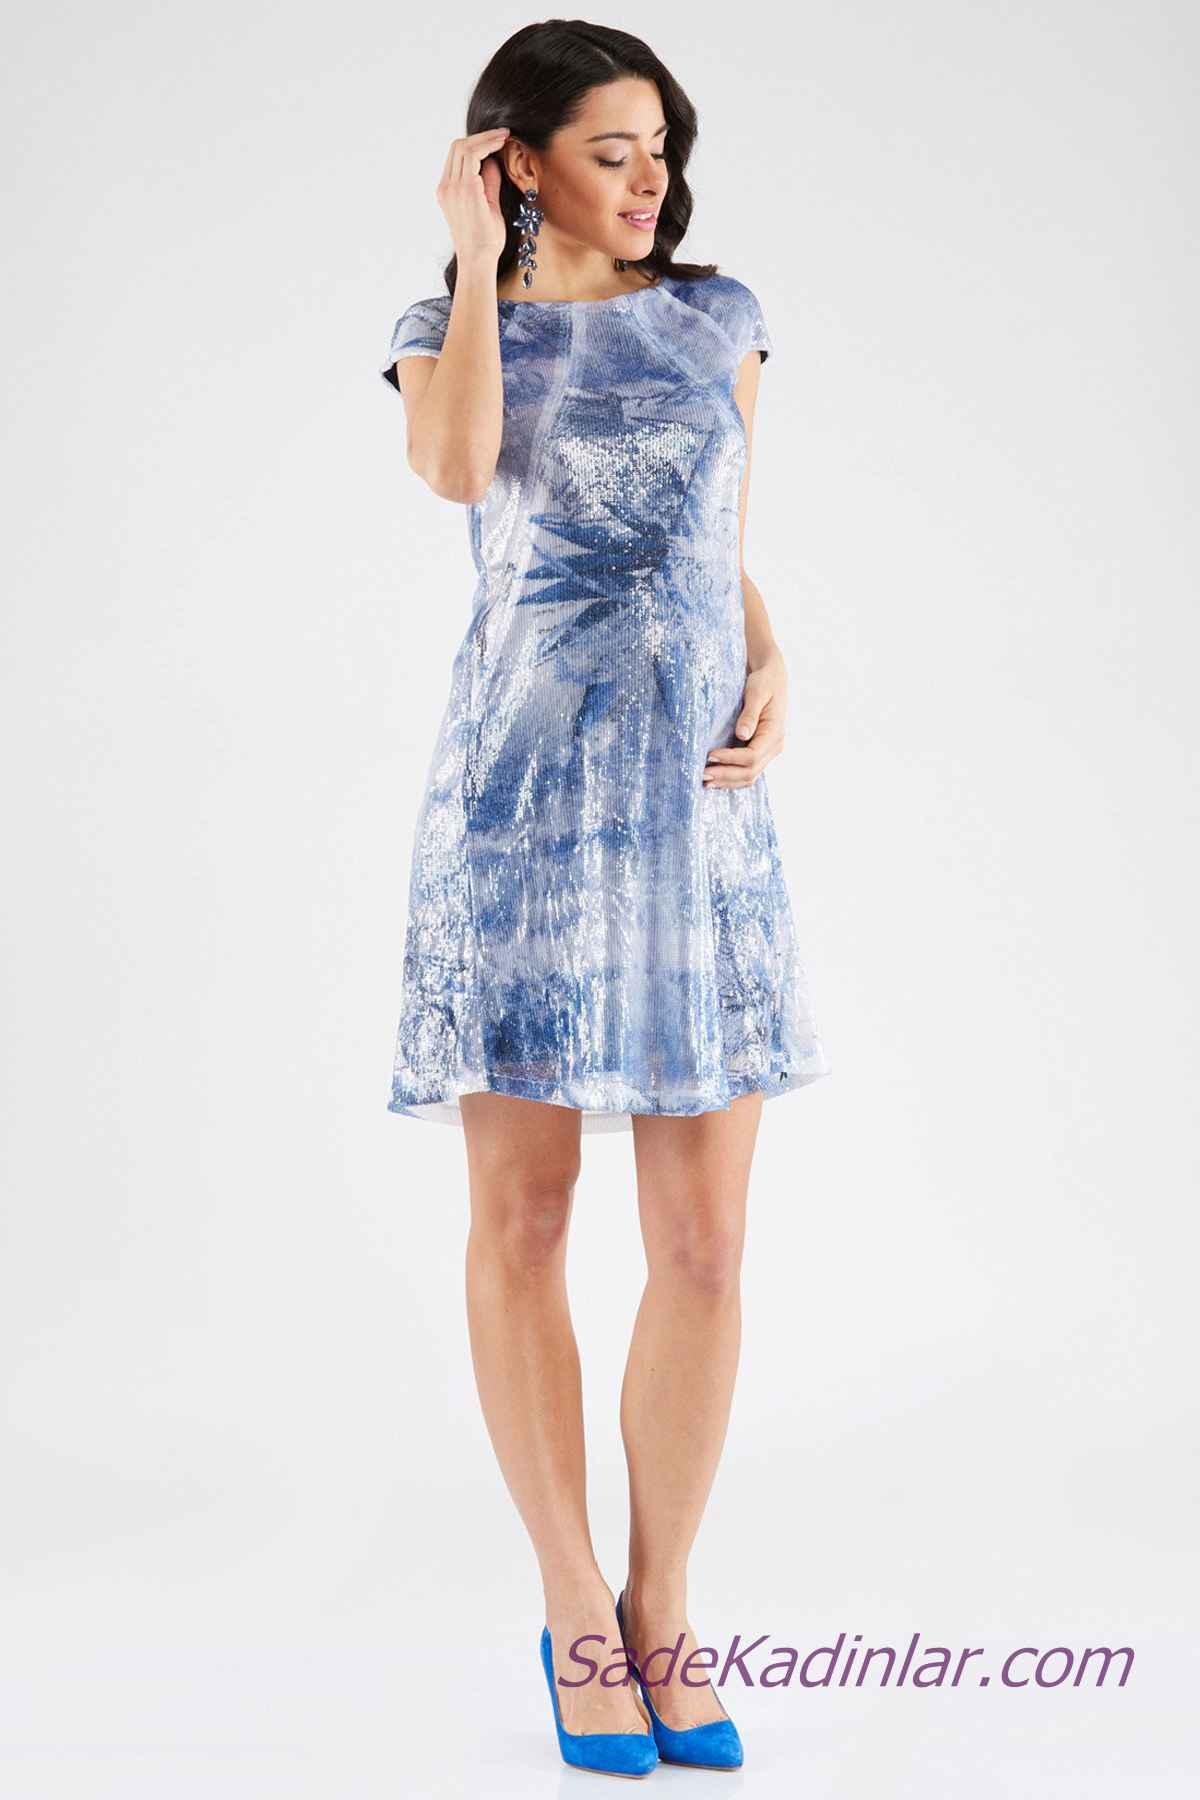 b187547631b06 Hamile Abiye Elbise Modelleri Mavi Kısa Japone Kol Kayık Yaka Parlak Kumaş.  «